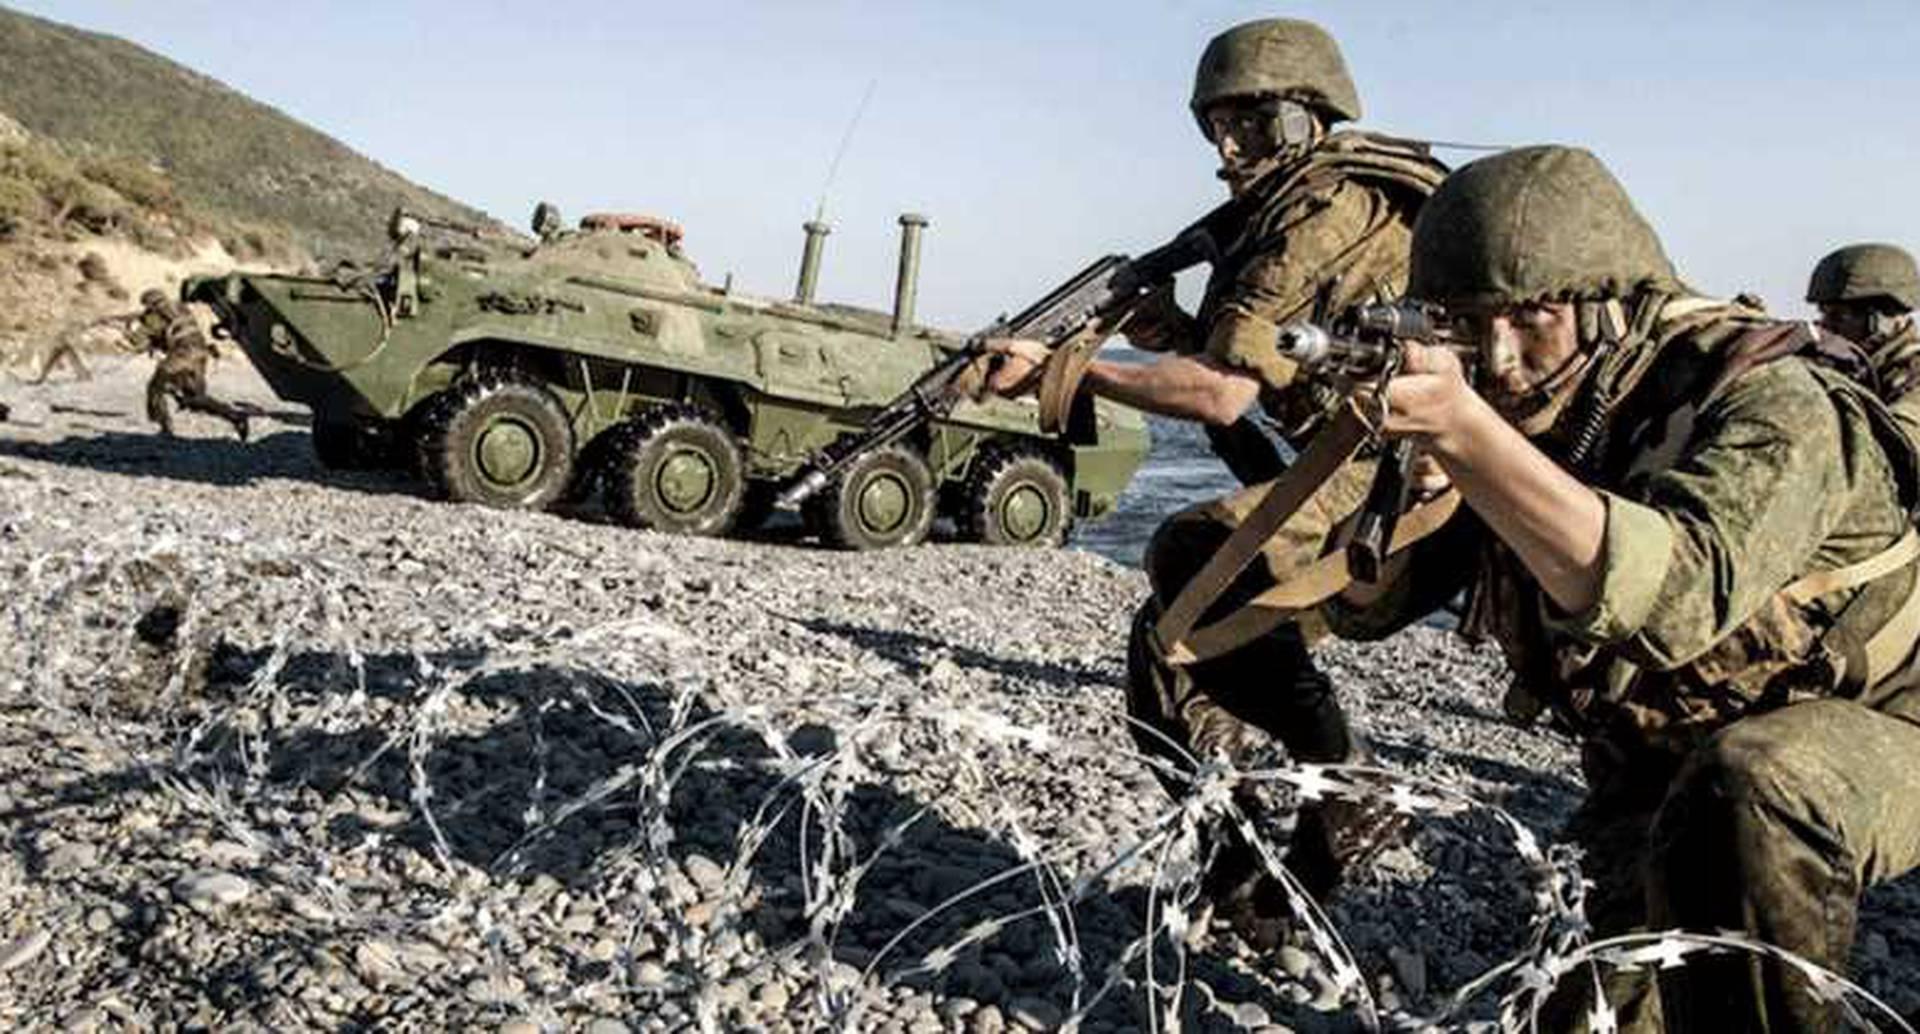 Los ataques yihadistas fueron perpetrados contra combatientes gubernamentales. Foto: archivo/Semana